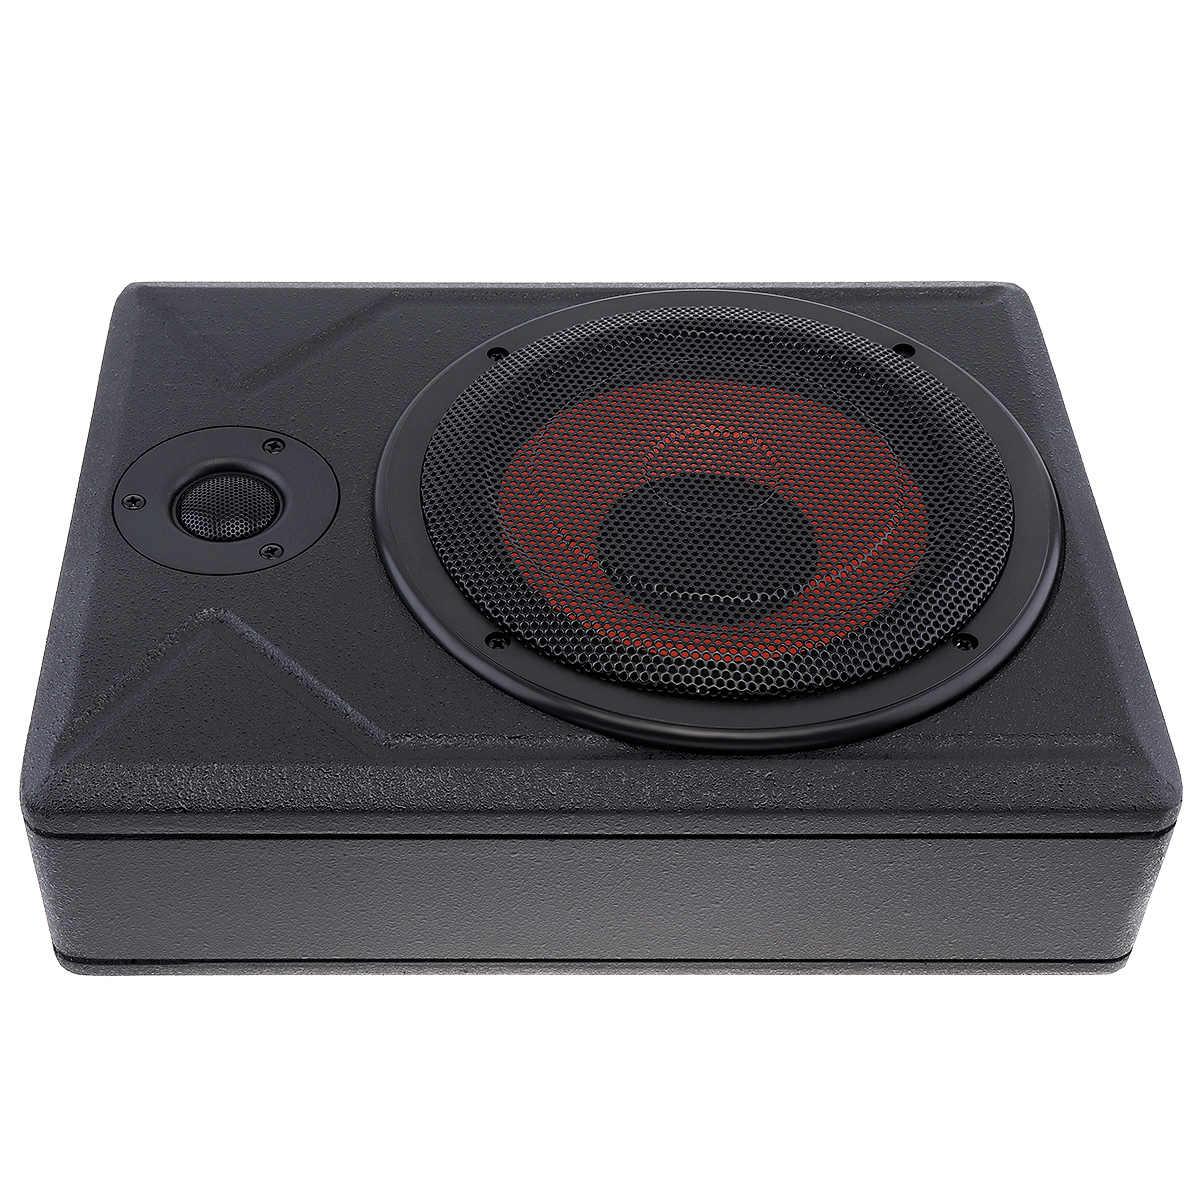 Universal 10 Inch Car Subwoofer Speaker 600W Slim Car Under Seat Car Active Subwoofer Bass Amplifier Speaker Black Fuselage Slim